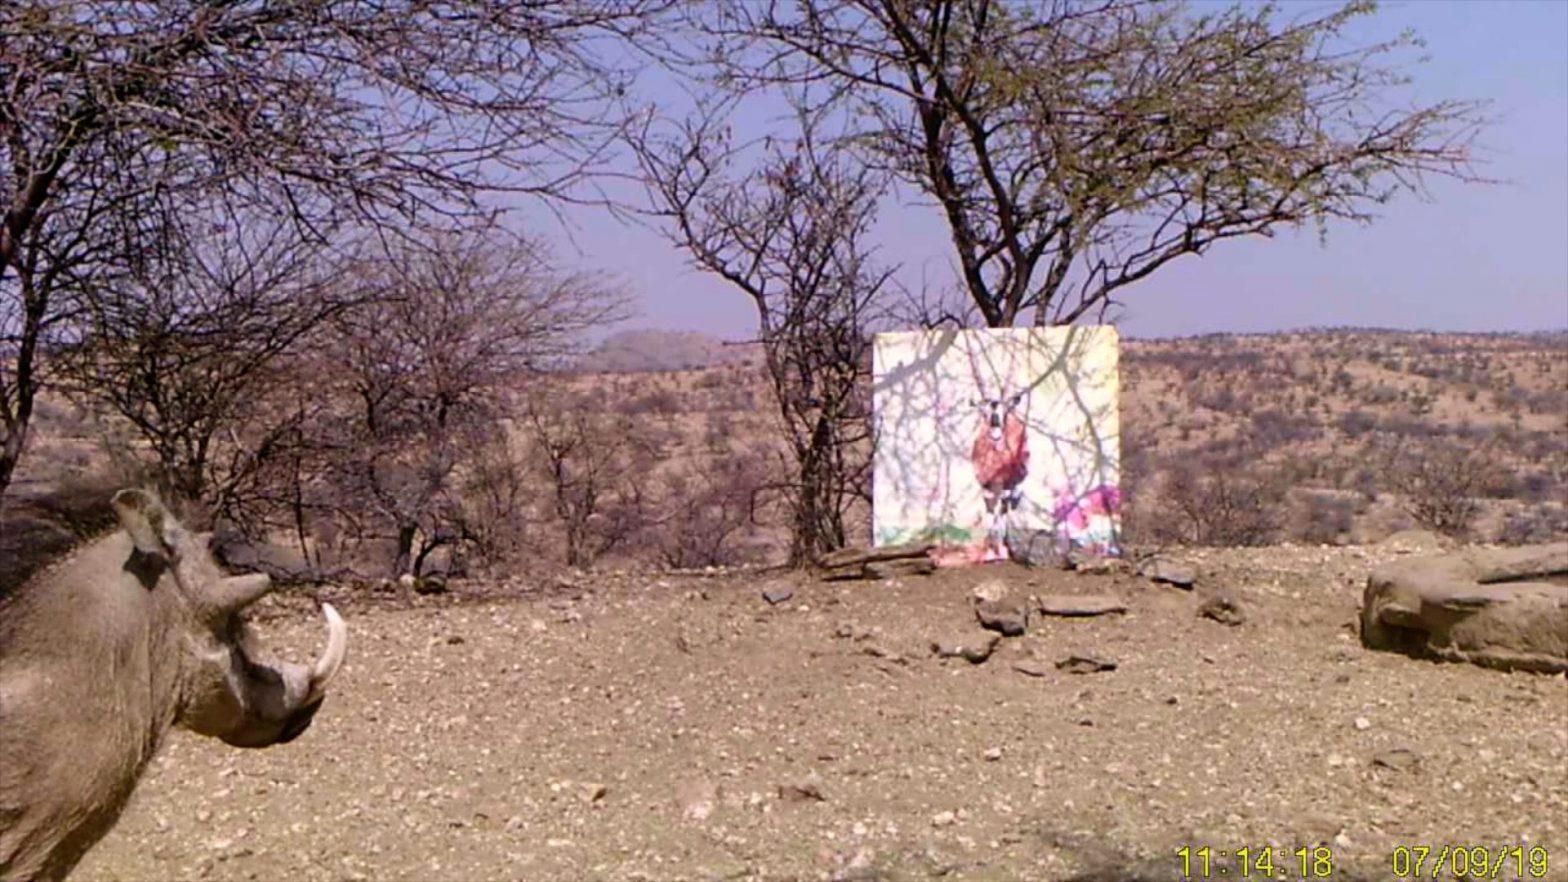 Filmstill SUPERWILDVISION Namibia 2019, Afrika, Nachtaufnahme Kunstprojekt von Irene Mueller, Warzenschwein betrachtet Gemaelde Antilope